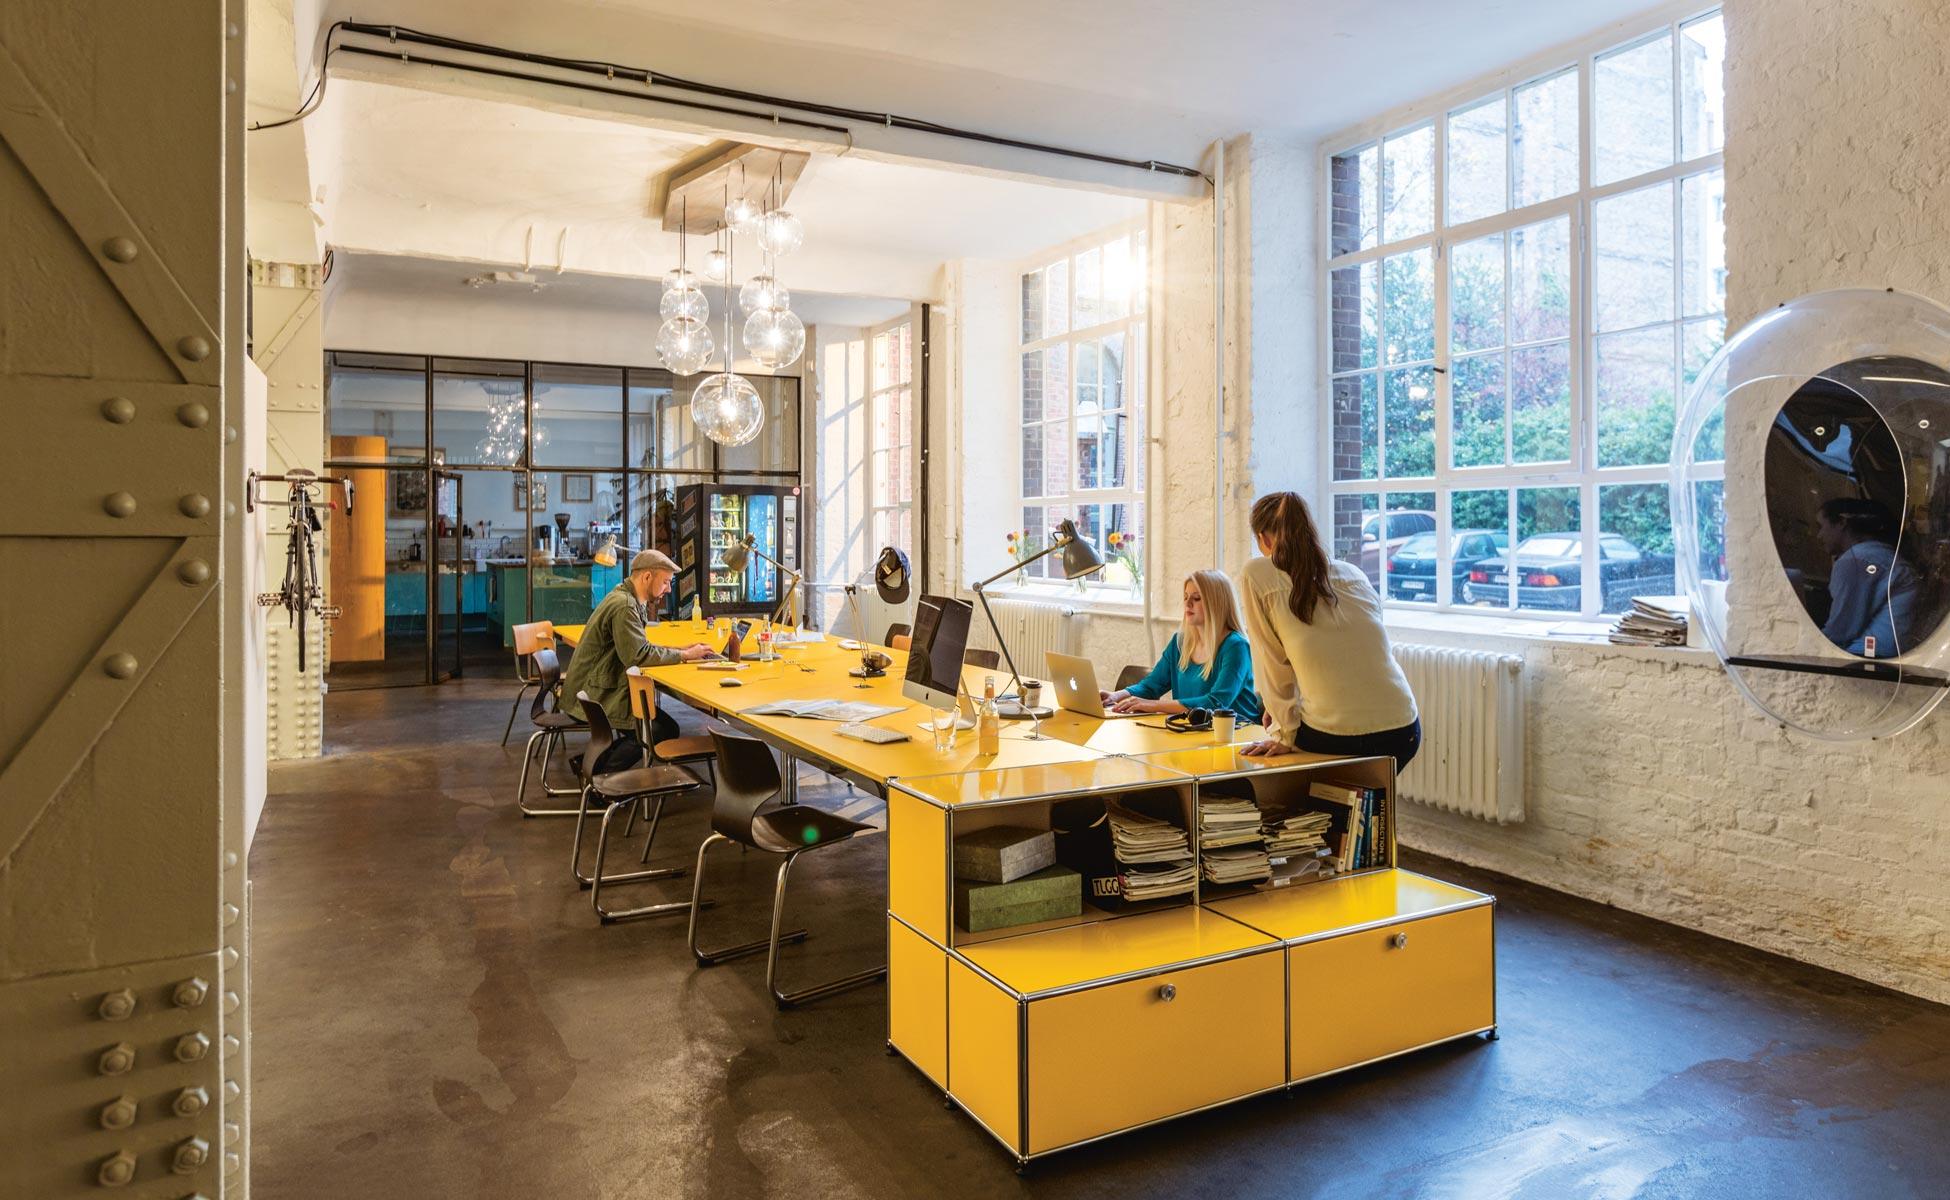 usm haller arbeitsplätze in berlin bei steidten+